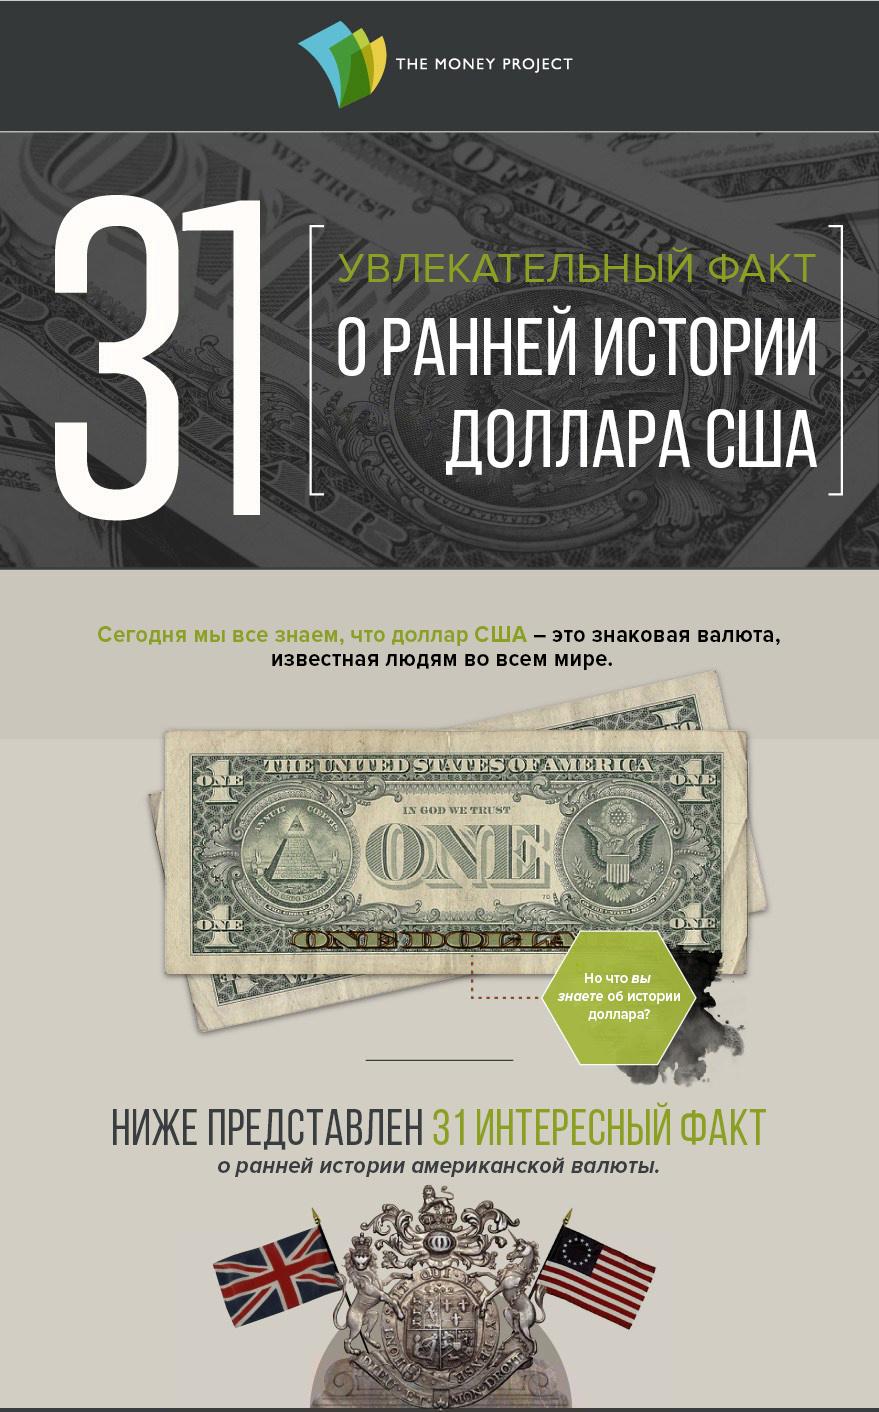 [Перевод] 31 факт о ранней истории доллара США